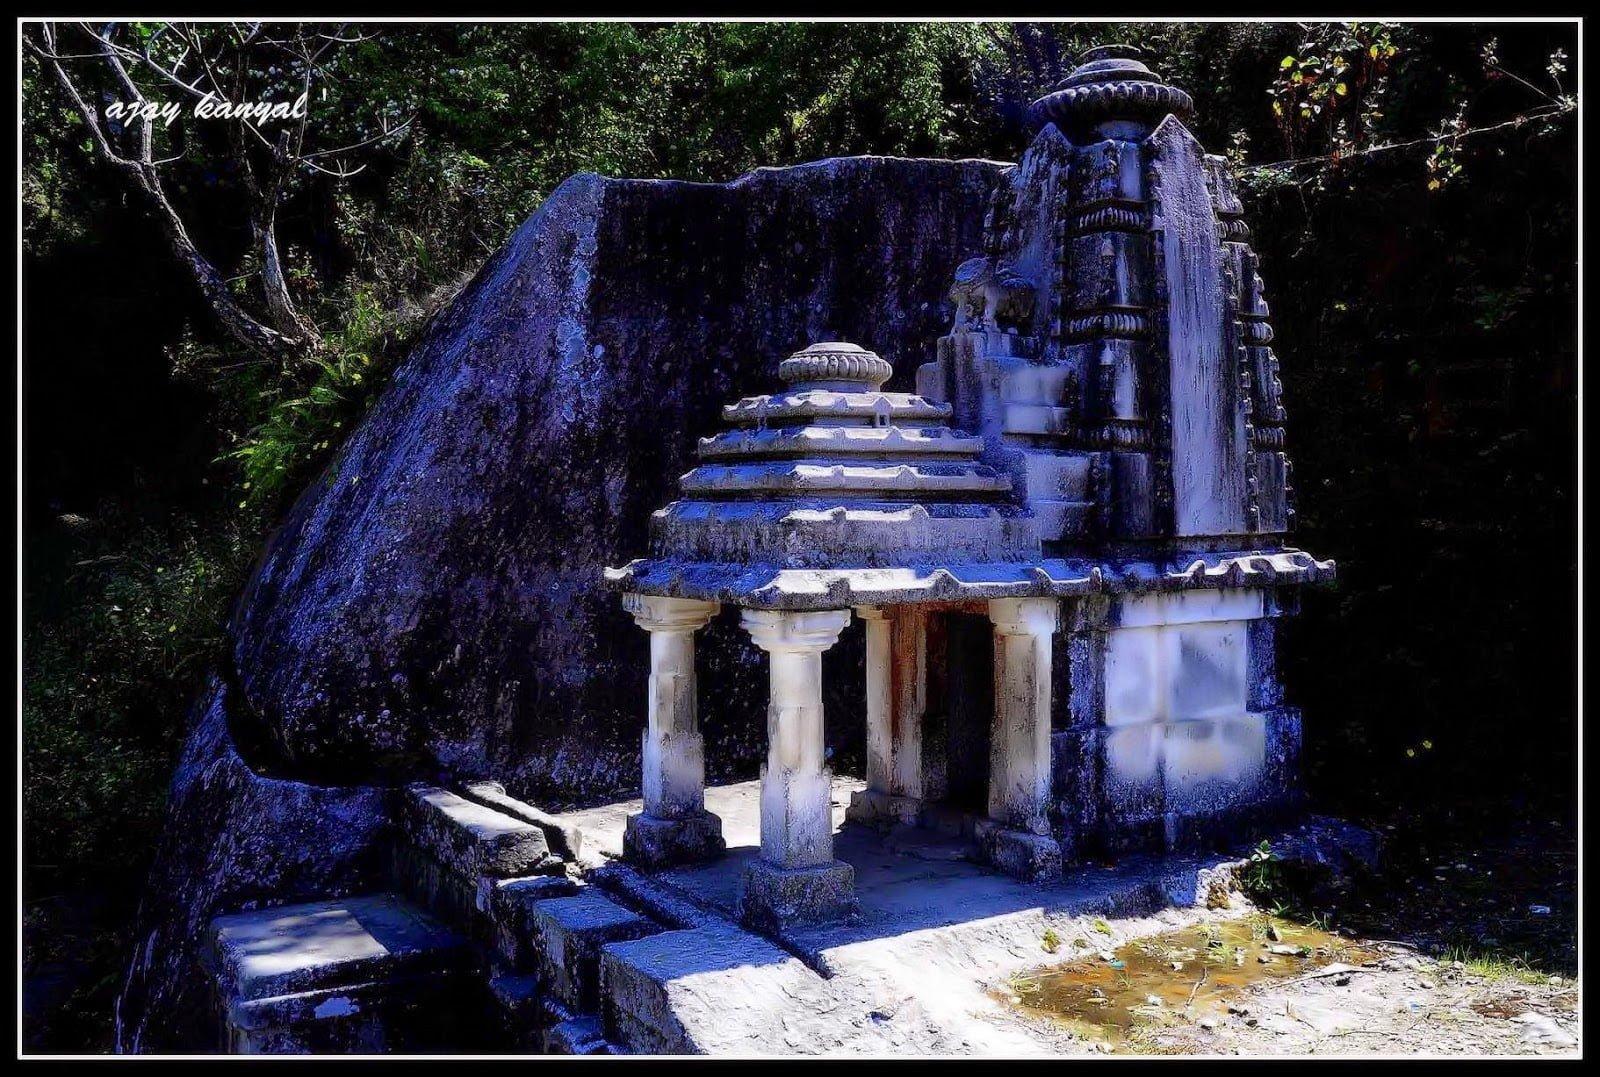 Hindi Story & History of Ek Hathiya Deval Uttarakhand